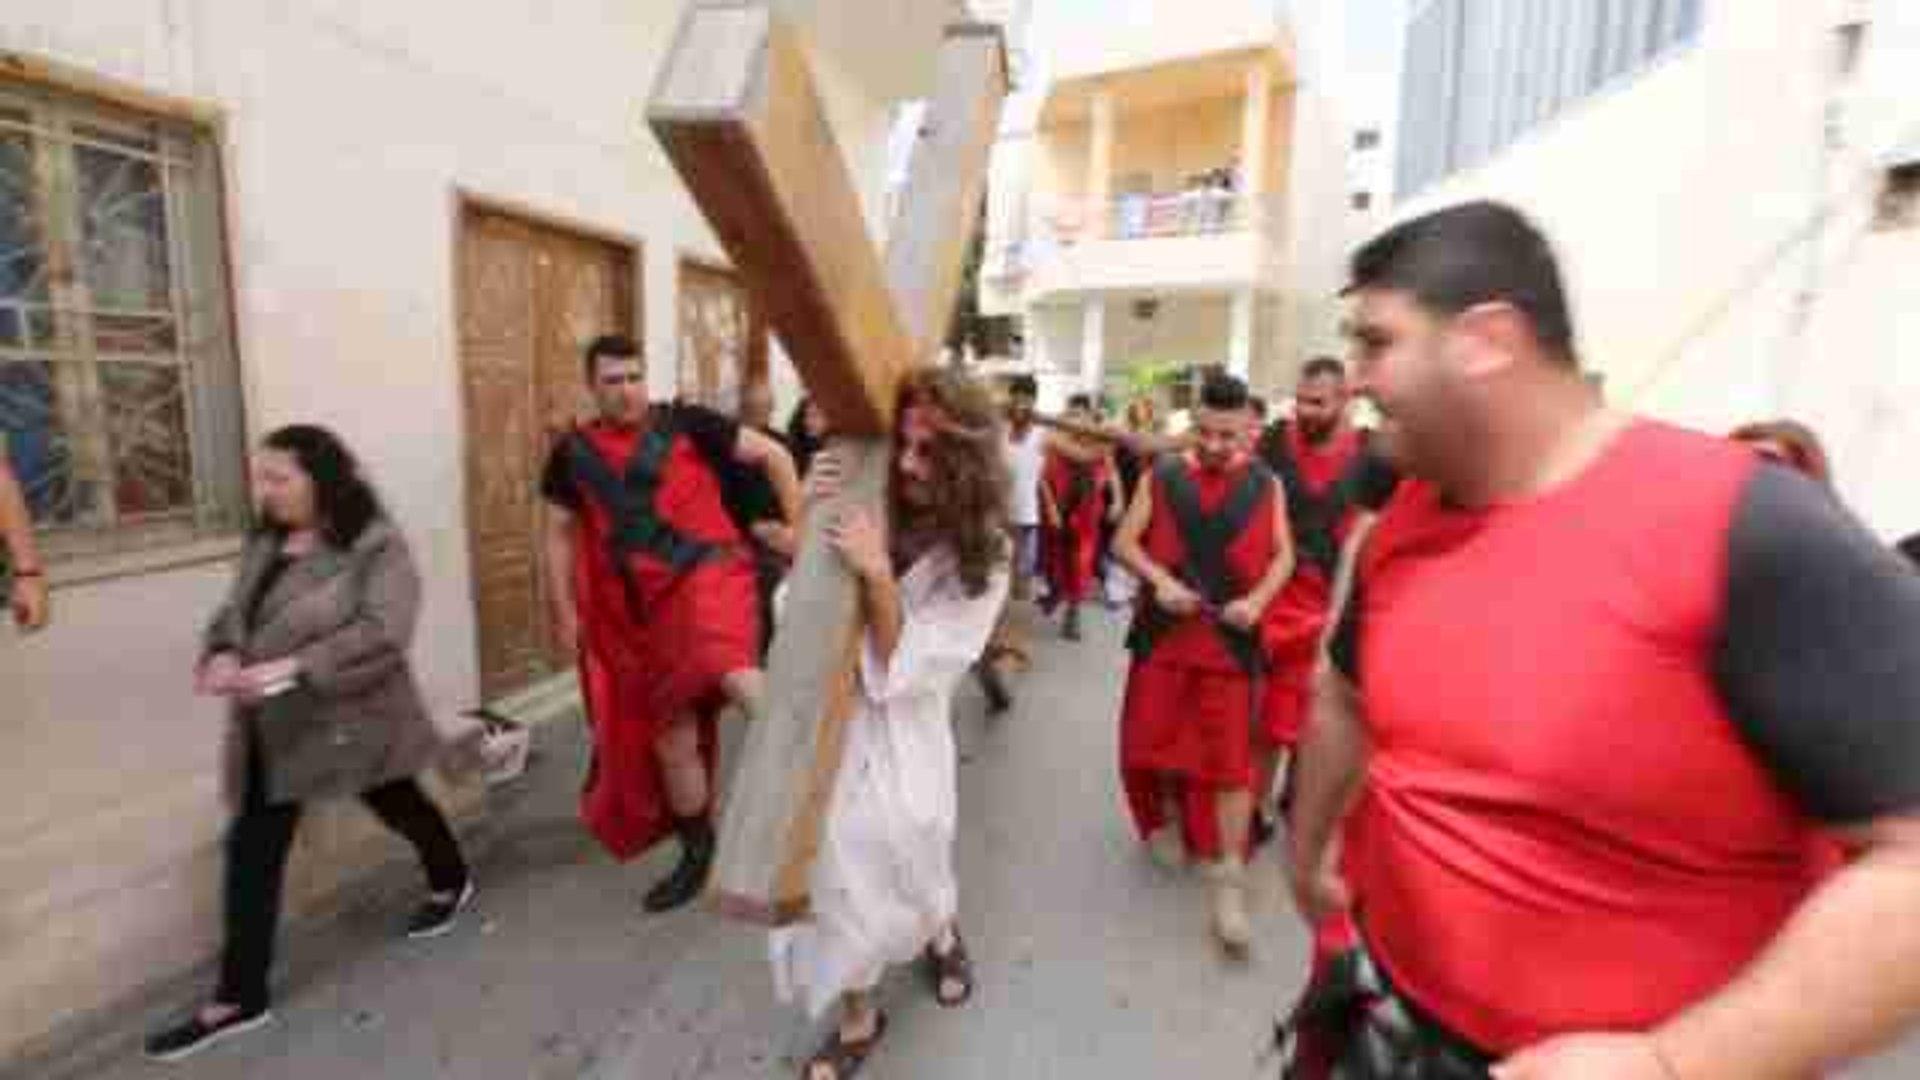 Cristianos recrean el Via Crucis en el sur de Líbano